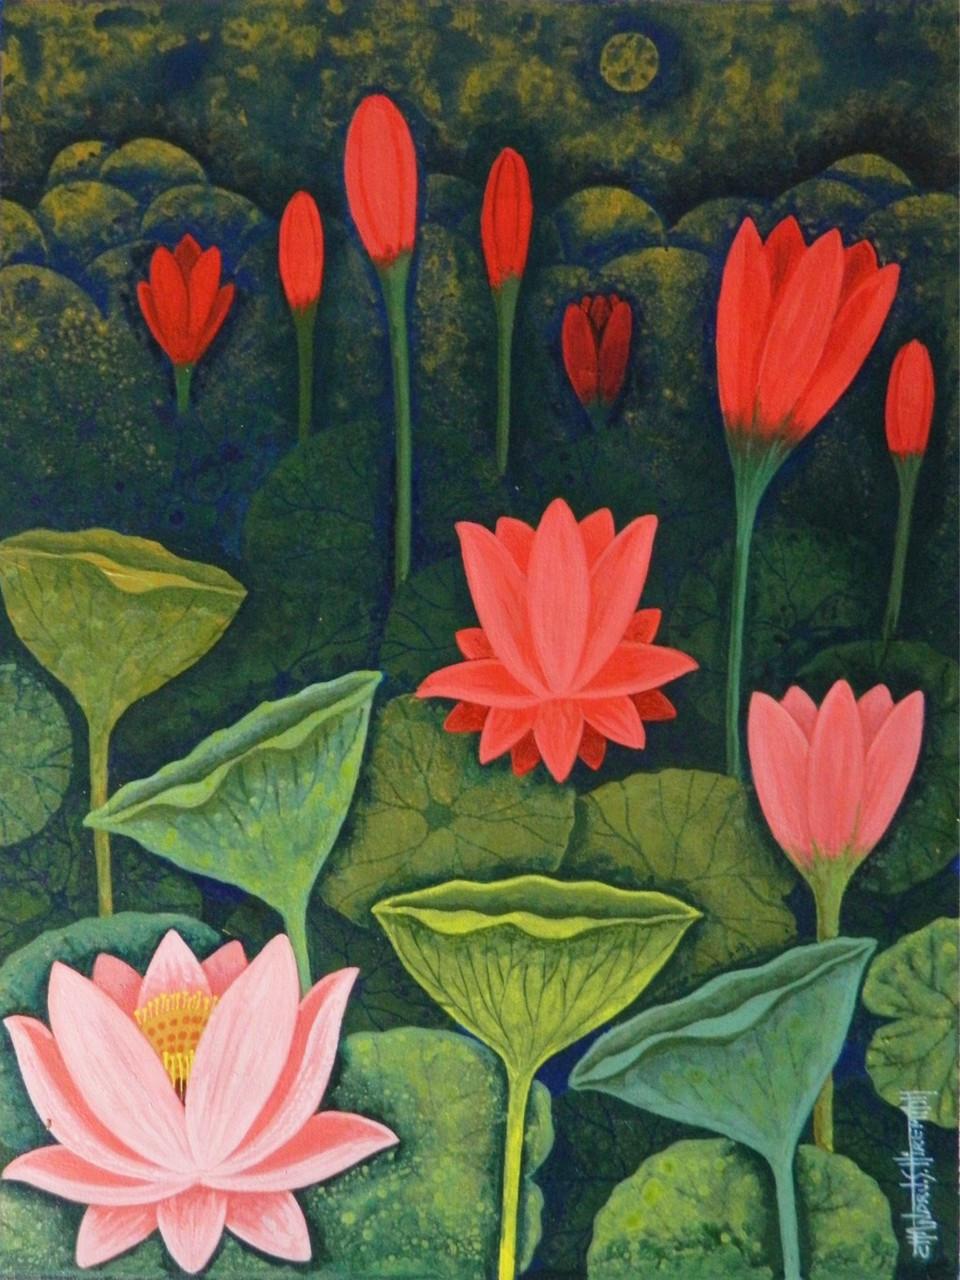 Buy lotus csh0015 handmade painting by chandru s hiremath code lotuslotus csh0015art22314153artist chandru s hiremathacrylic izmirmasajfo